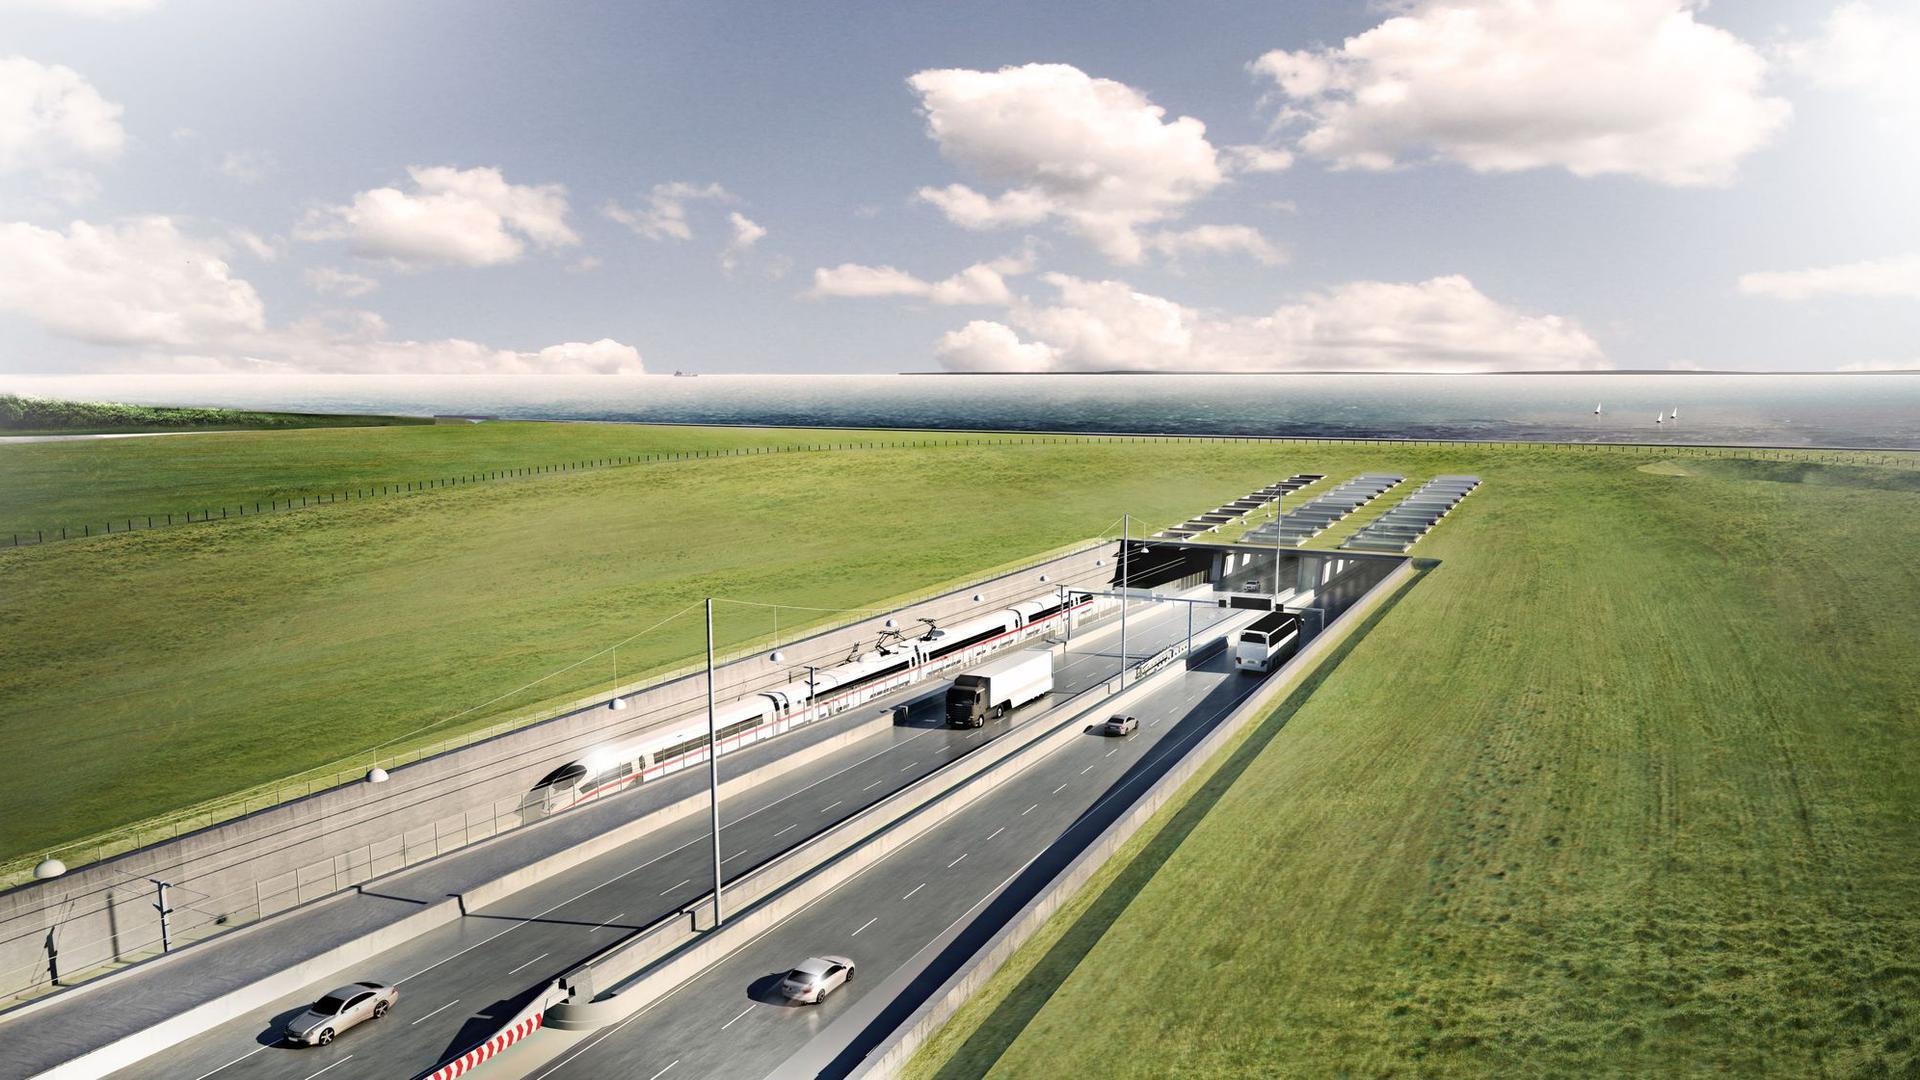 Eine Visualisierung des geplanten Fehmarnbelt-Tunnels zwischen Deutschland und Dänemark mit dem Tunneleingang auf dänischer Seite bei Rodbyhavn.